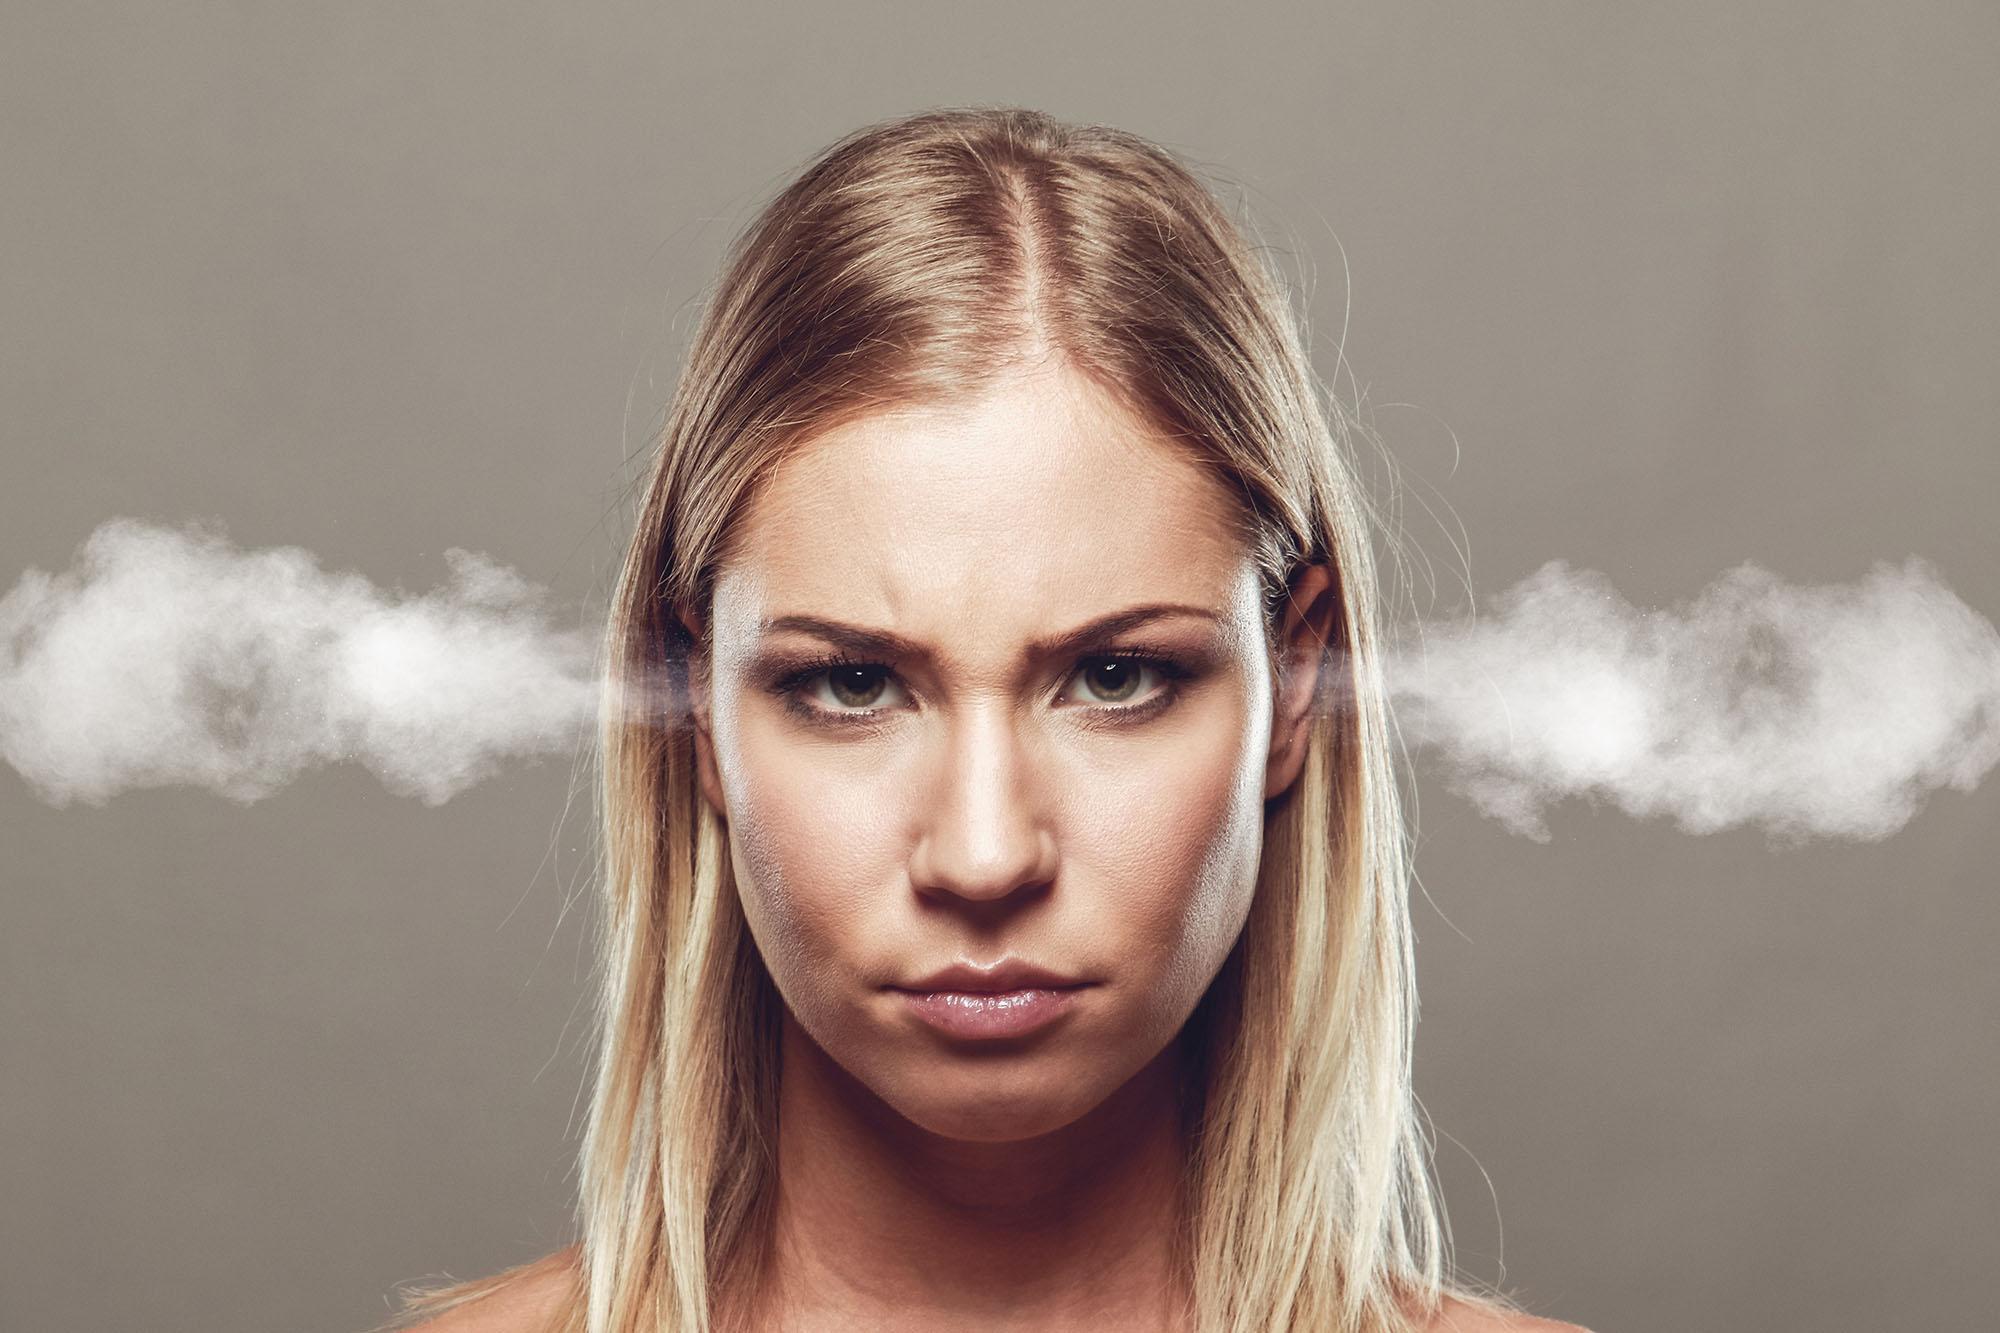 jak se vyrovnat se skeptiky